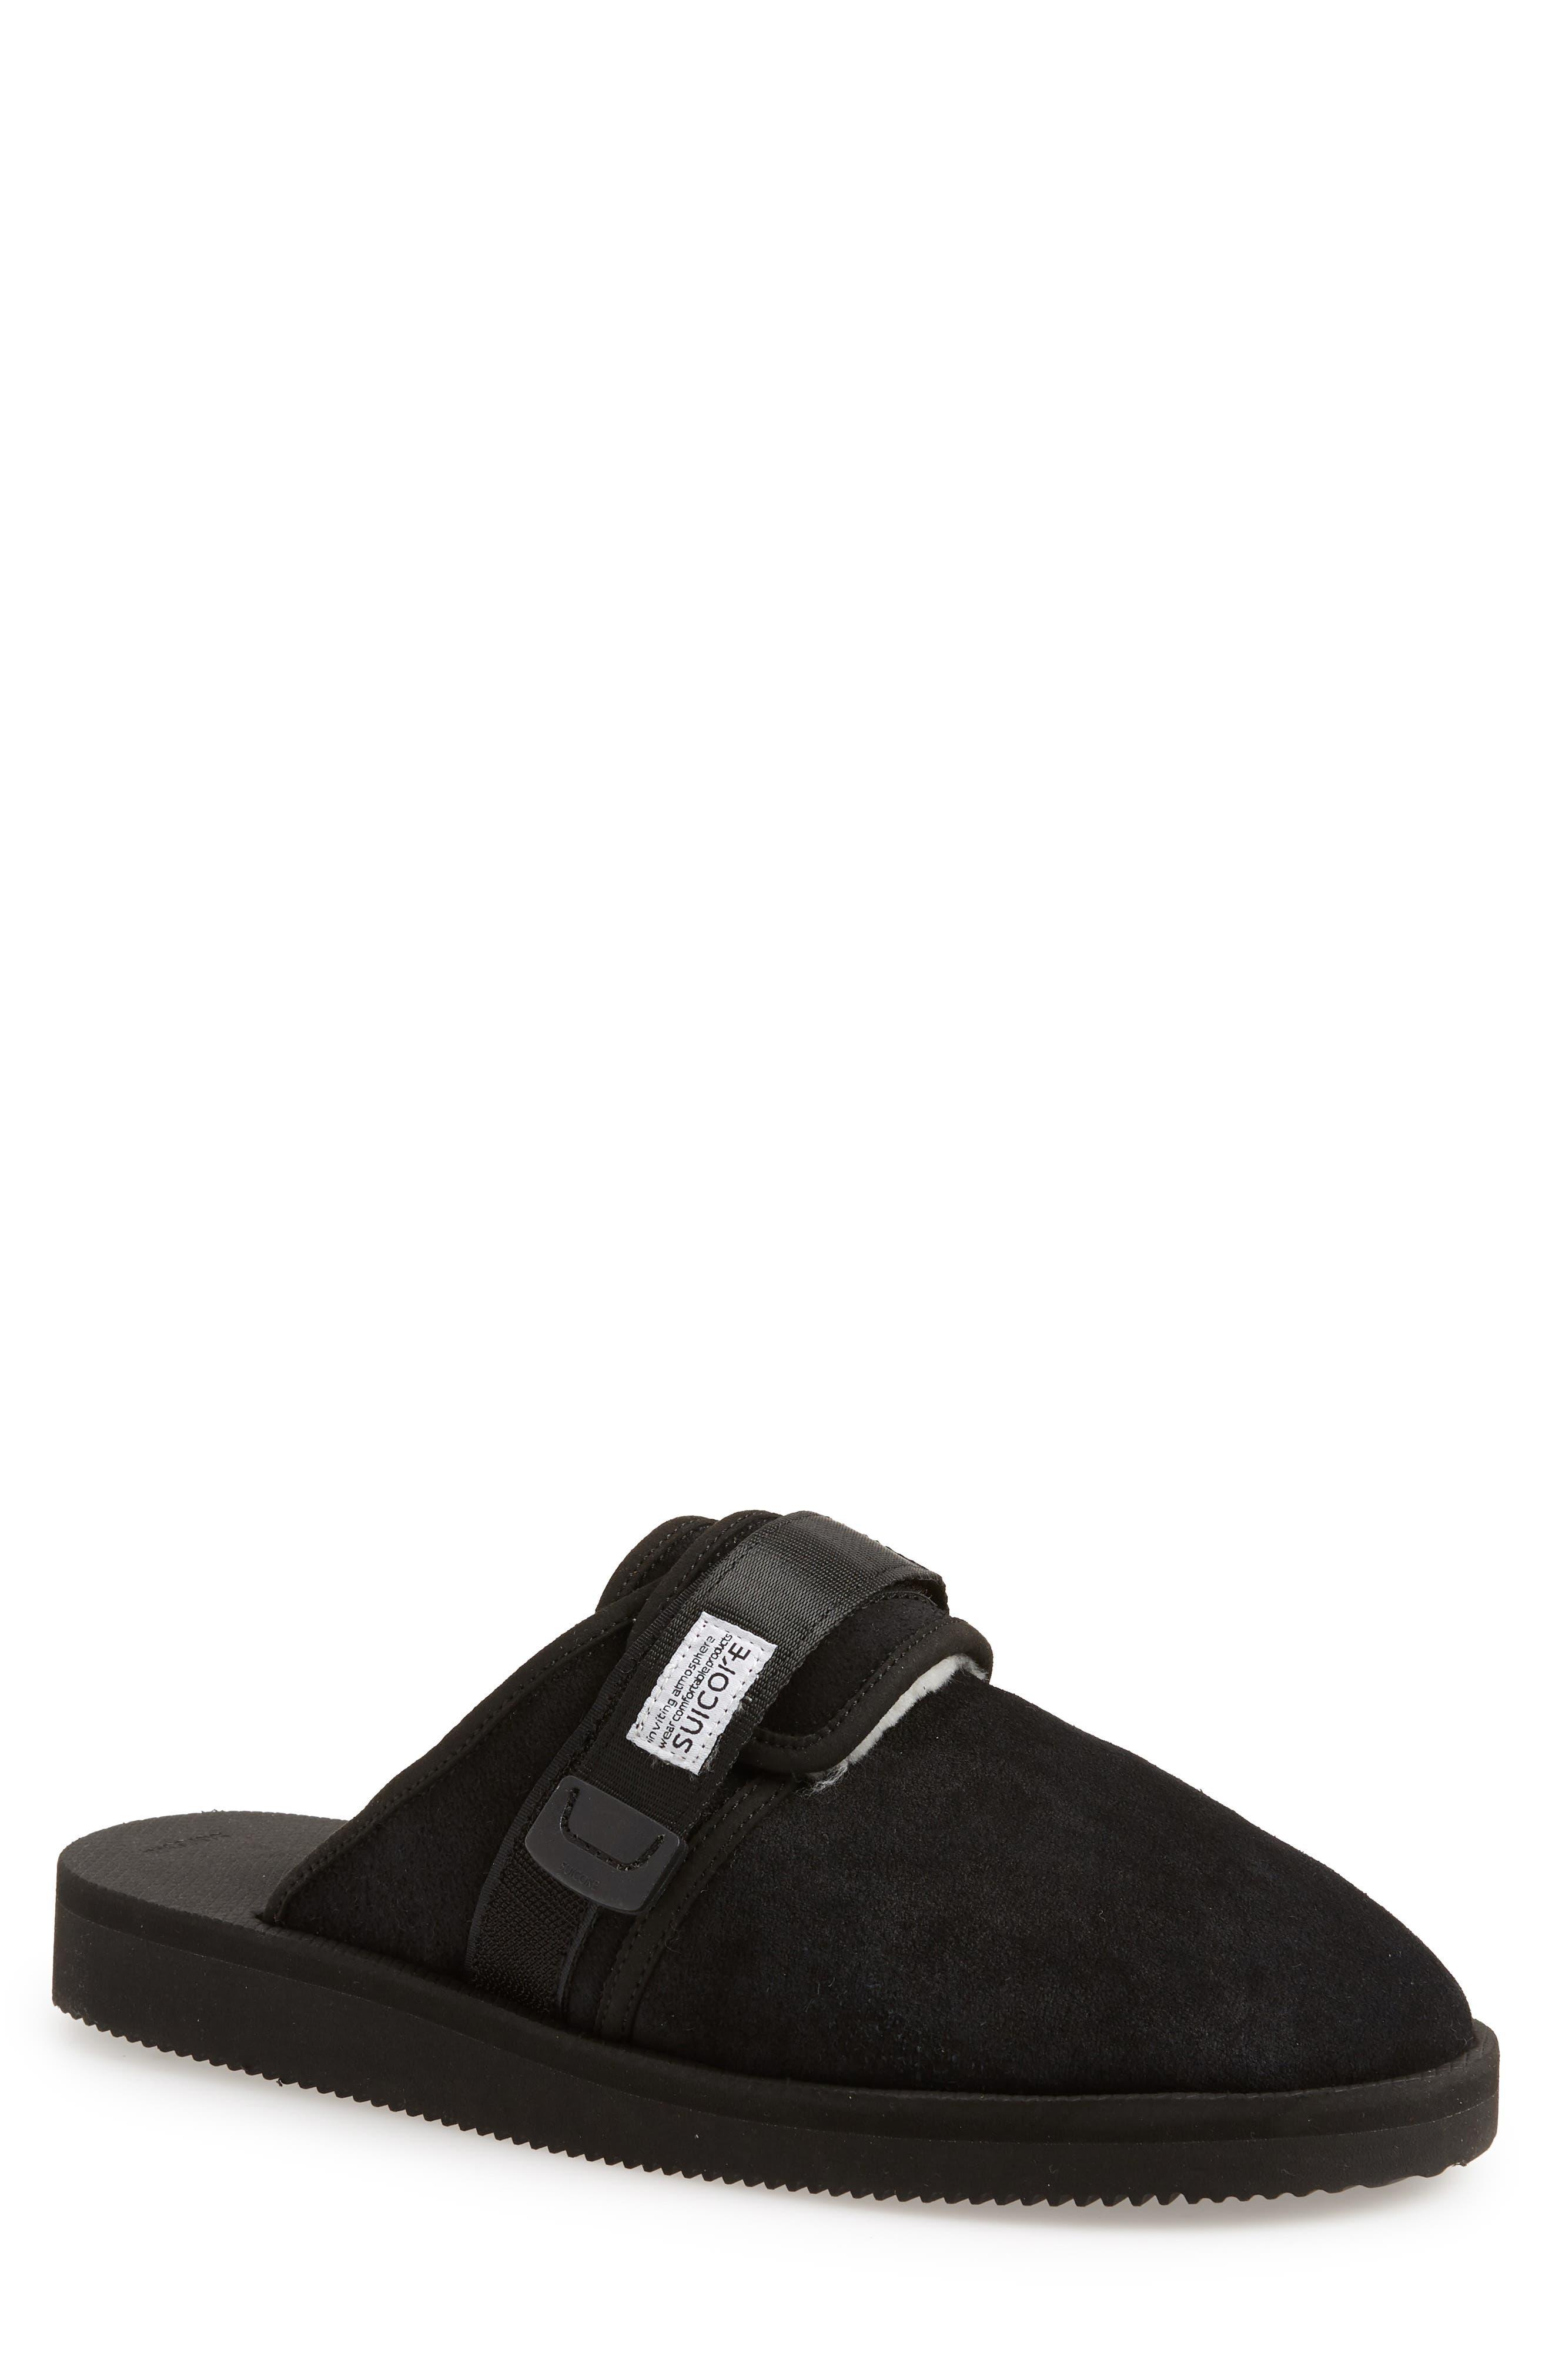 Zavo Genuine Shearling Slipper,                         Main,                         color, BLACK